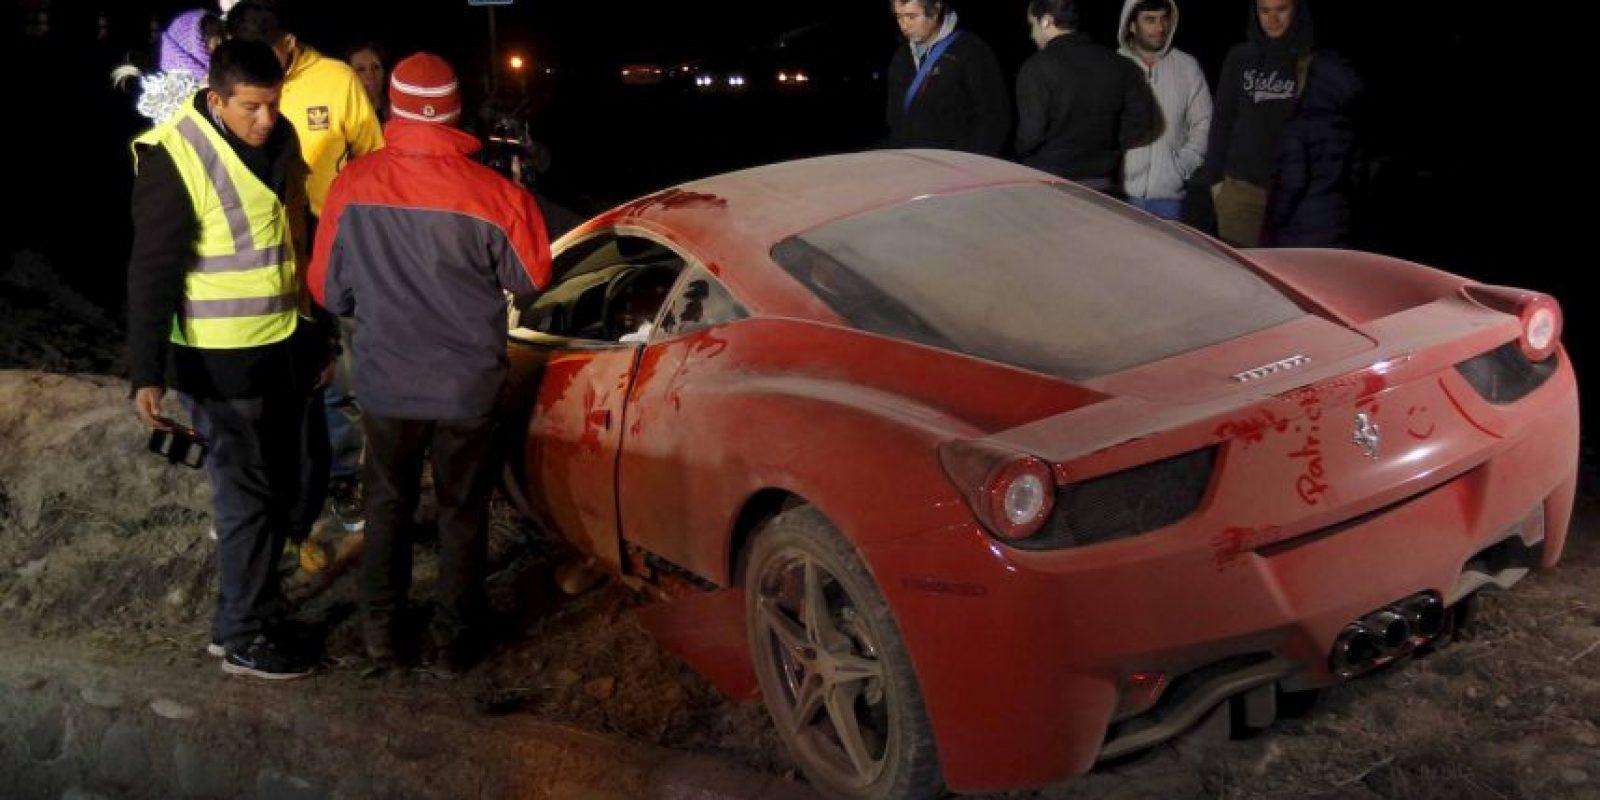 ¿Lo vieron? Un misterioso nombre apareció en el Ferrari destrozado de Arturo Vidal. Foto:AFP